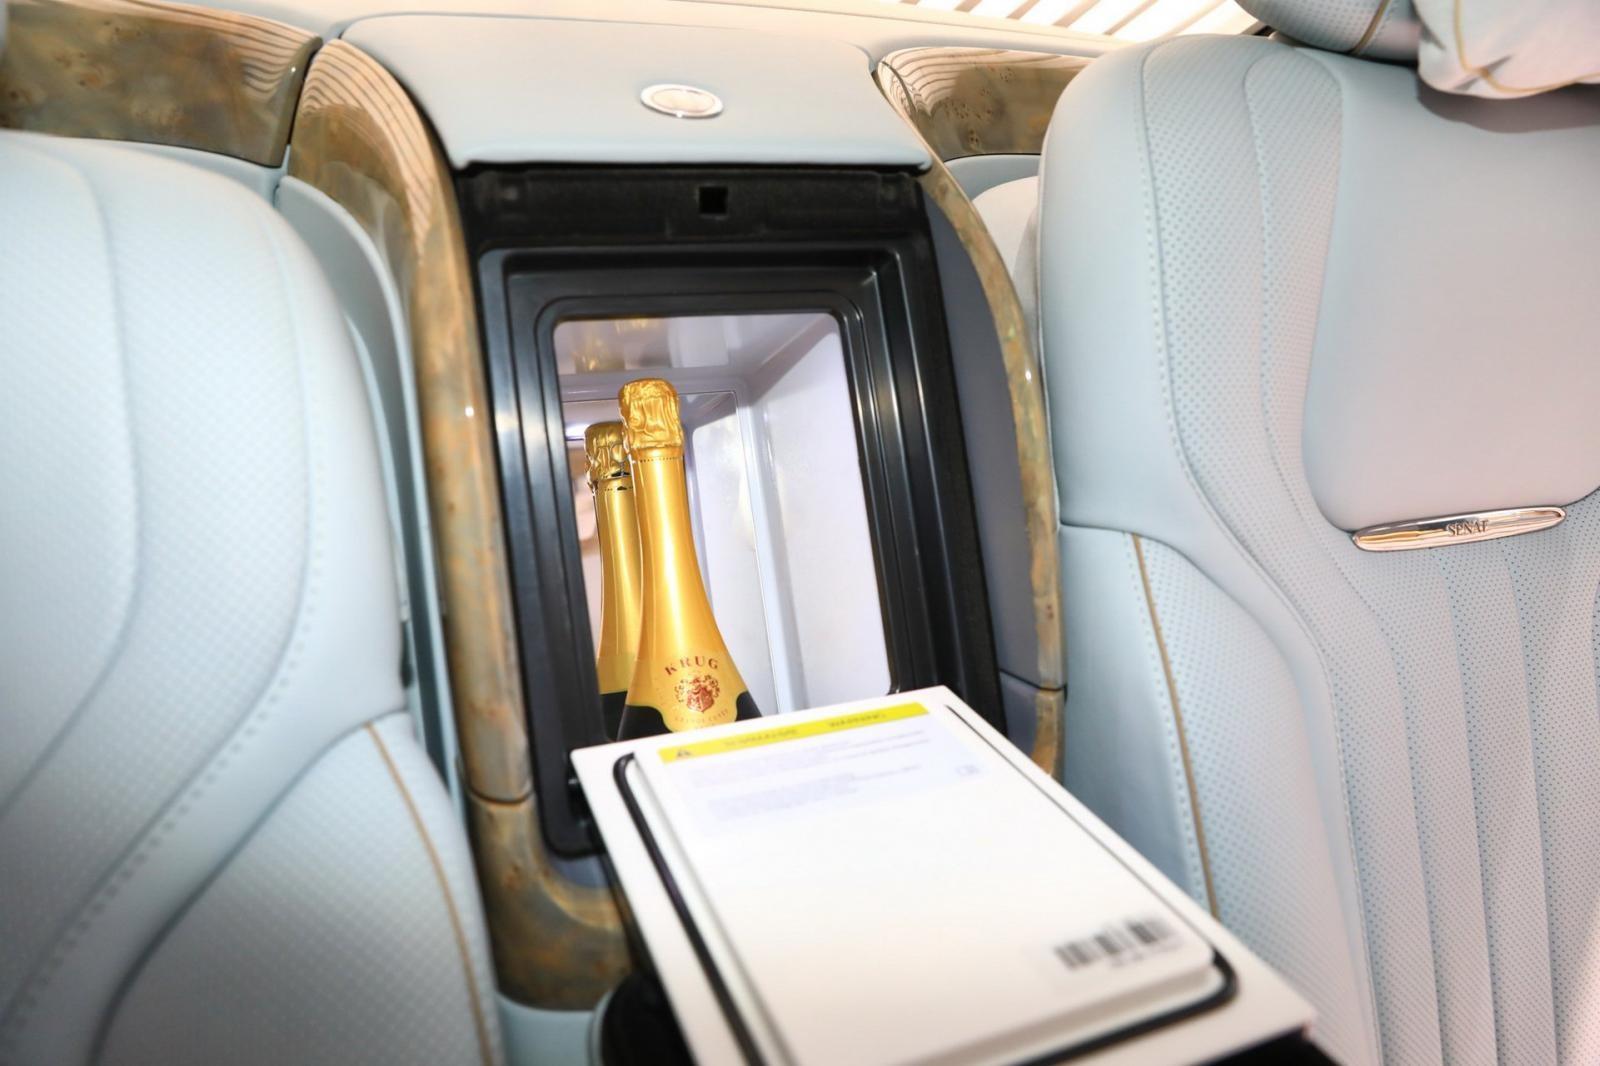 Ngăn lạnh đựng 2 chai champagne dành cho hành khách phía sau